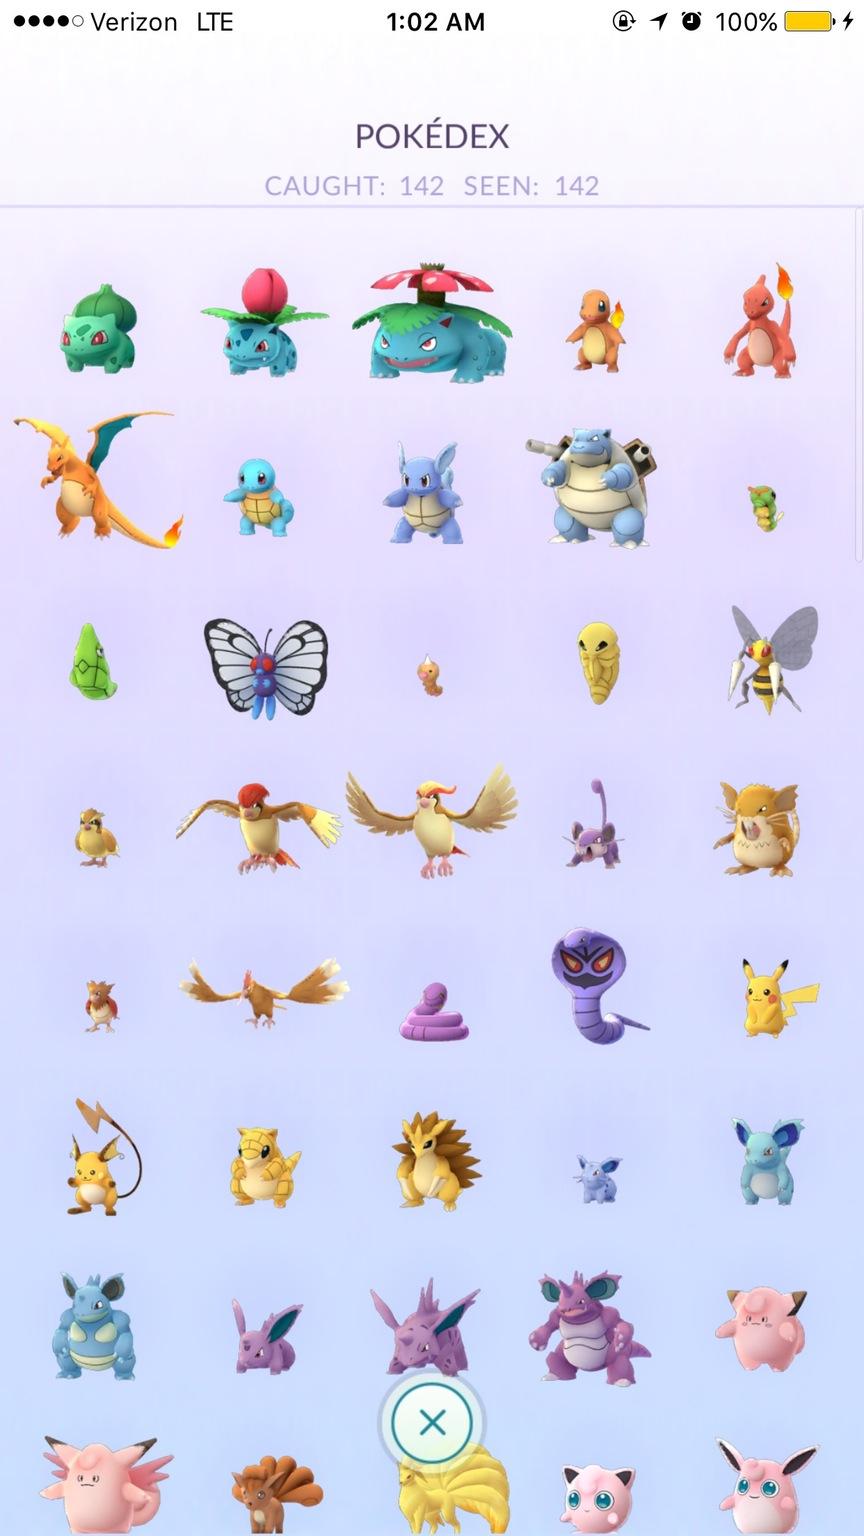 Американец поймал всех доступных покемонов Pokemon GO